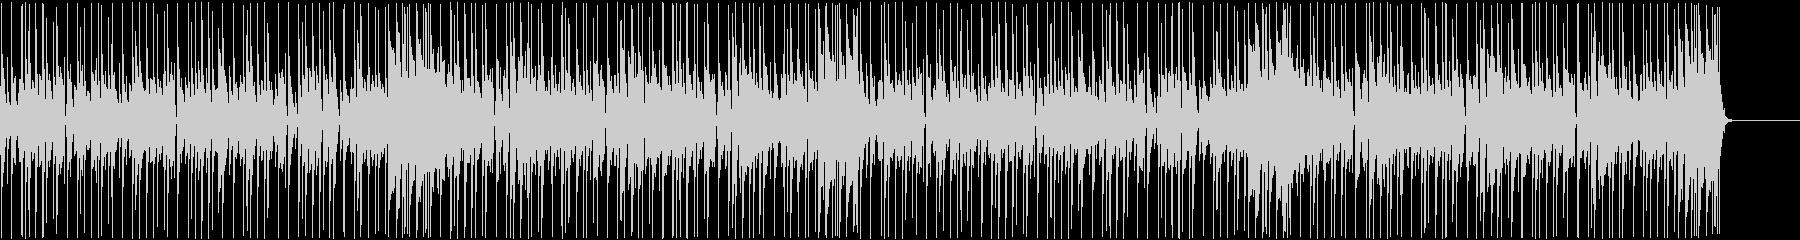 生演奏のファンク。アフロ系。ループ版の未再生の波形